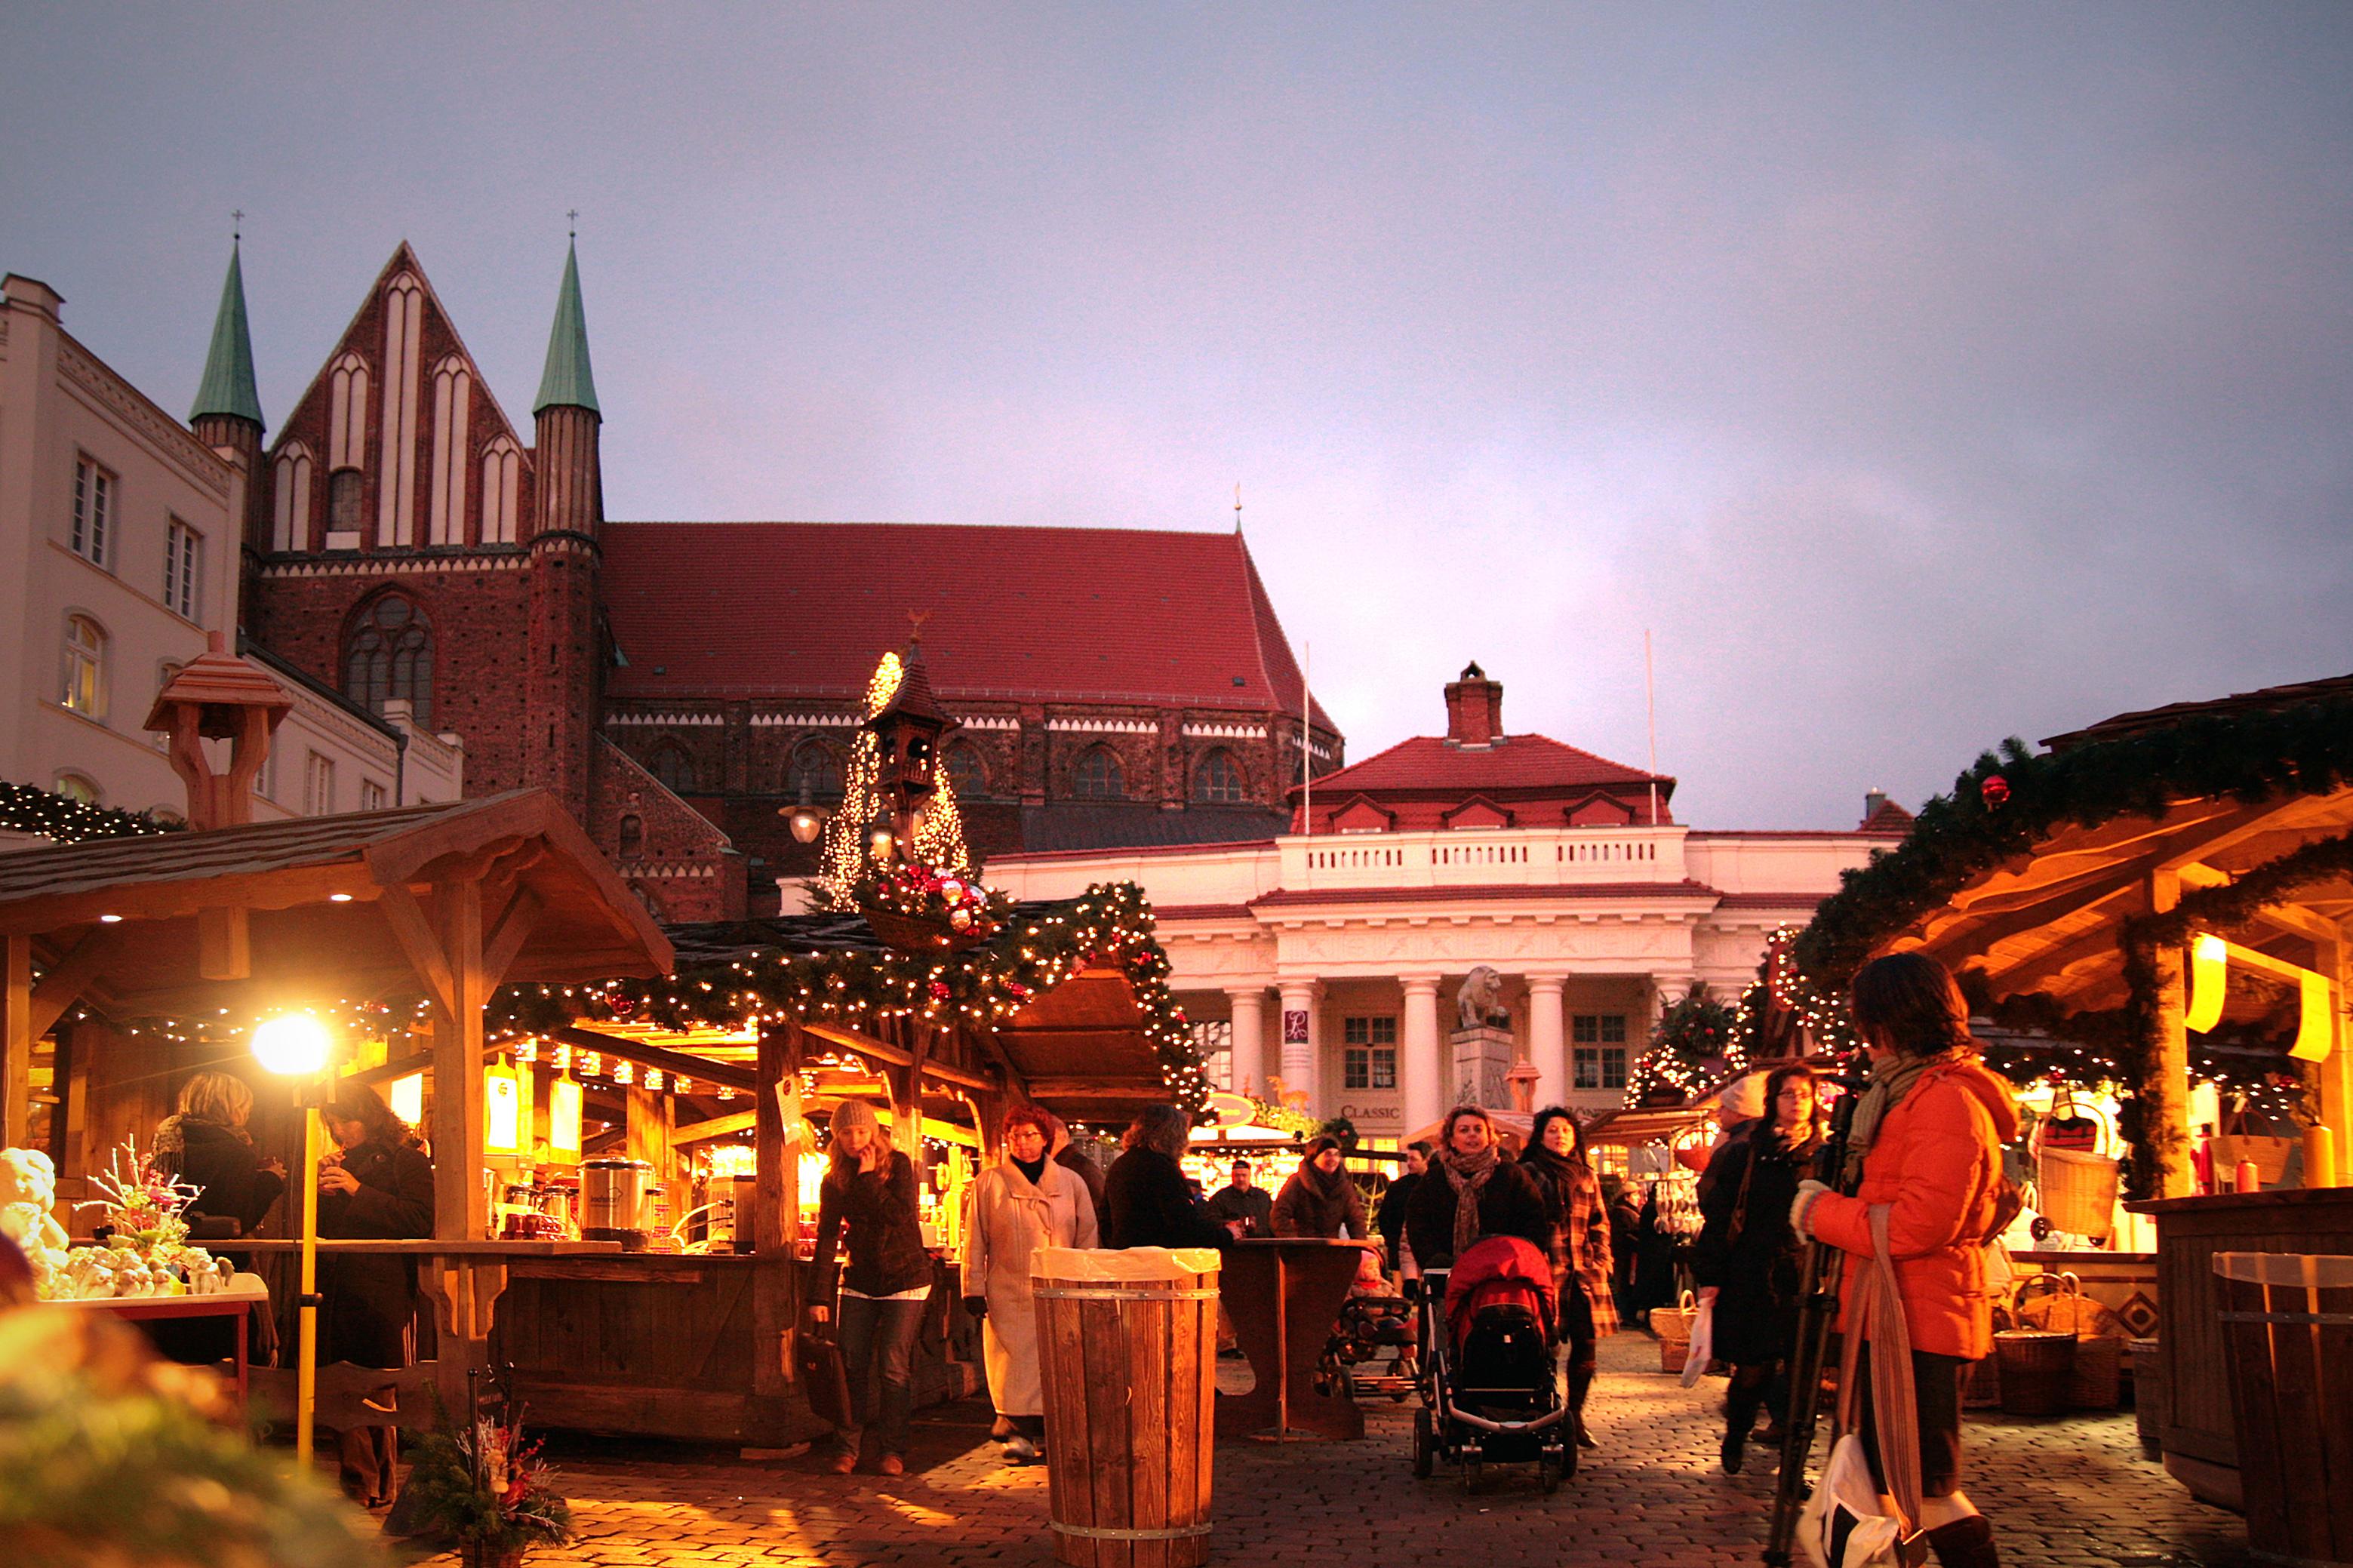 Julmarknad Schwerin 4-ecember 2020